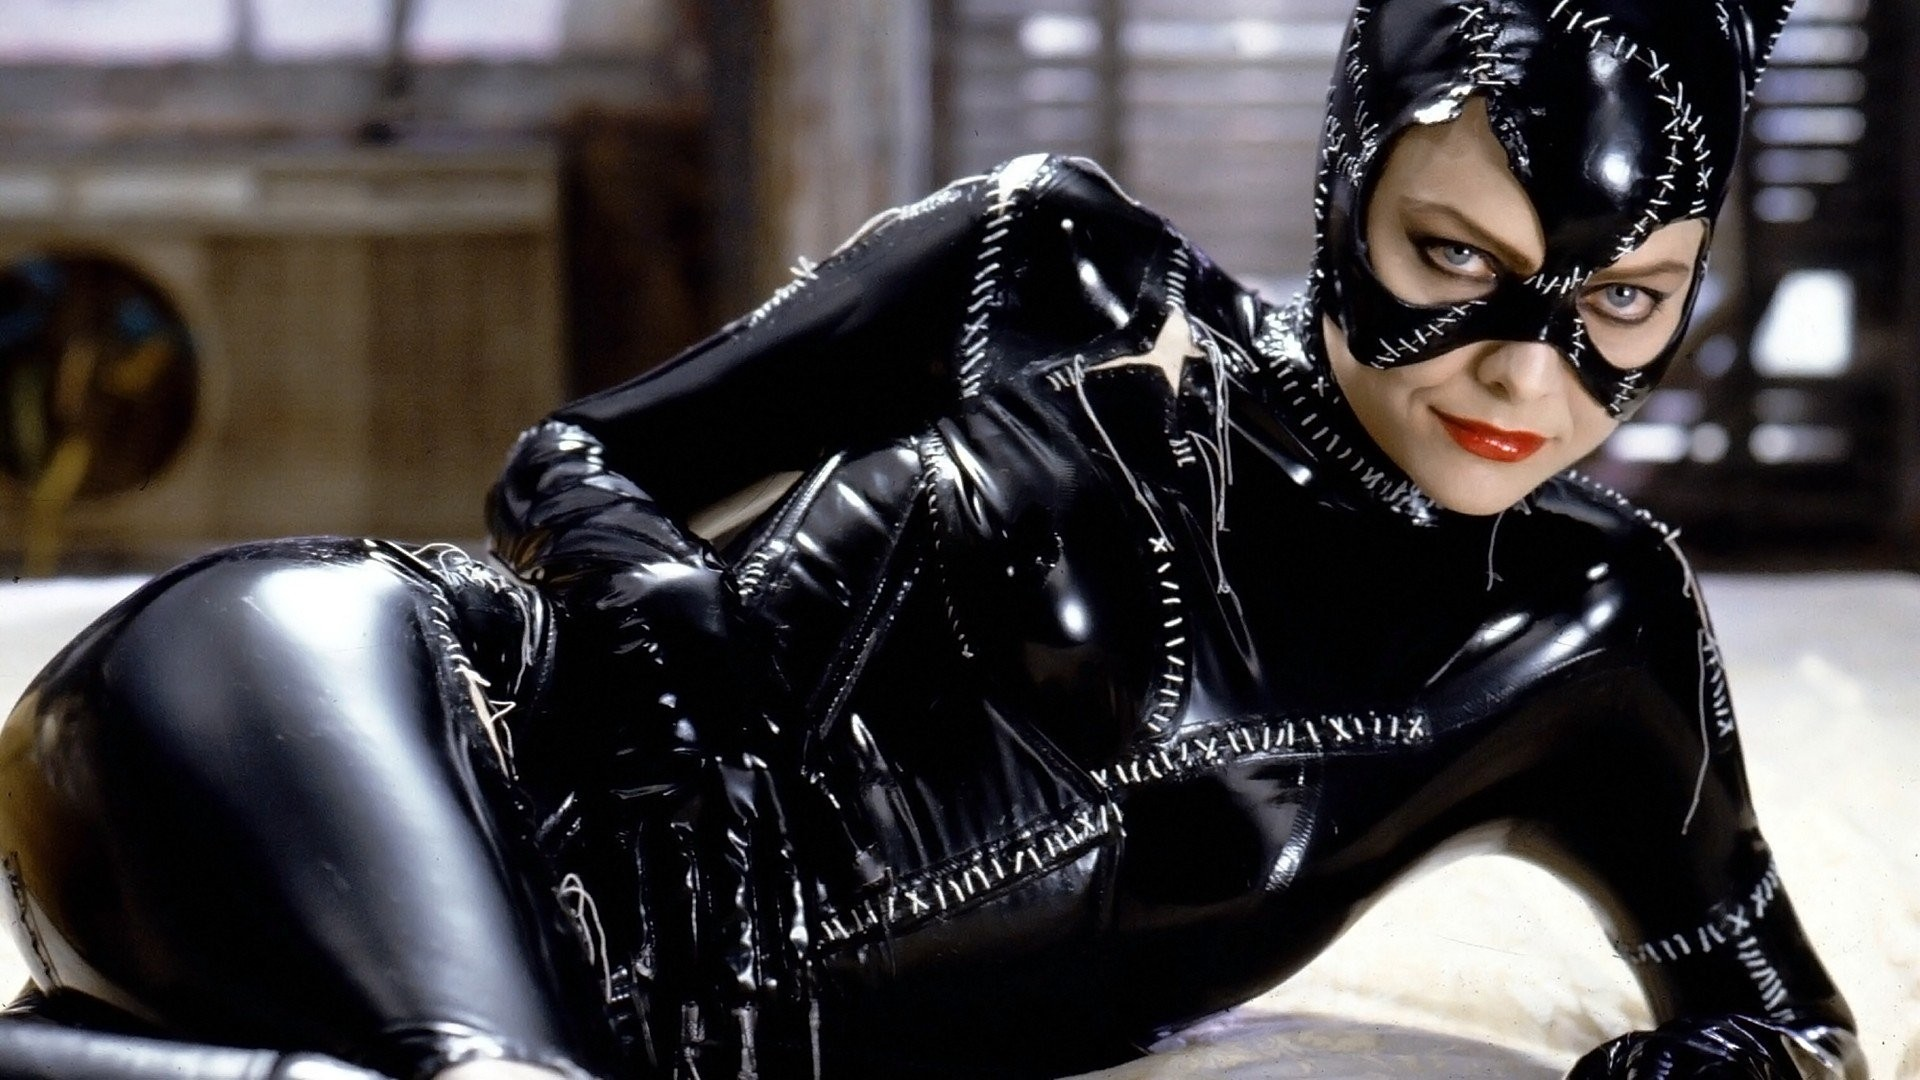 Res: 1920x1080, Women Batman Catwoman Michelle Pfeiffer Batman Returns wallpaper       301780   WallpaperUP